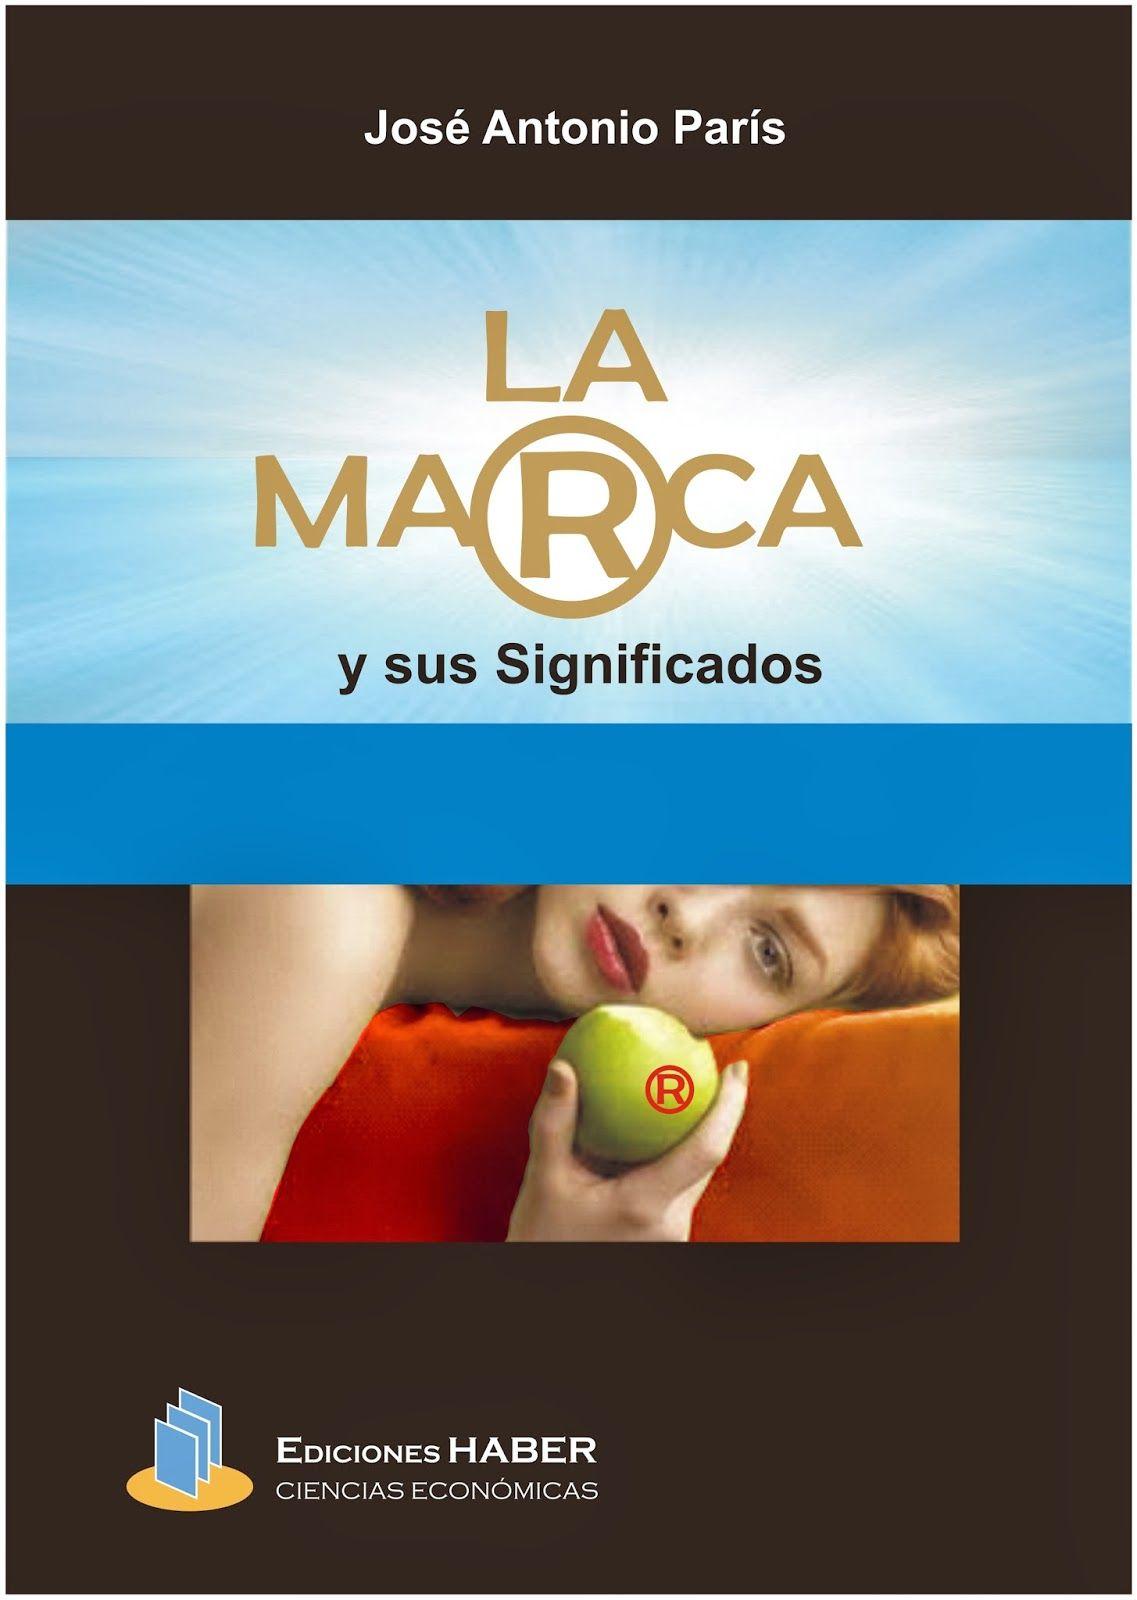 ACTUALIZACIÓN !! - La Marca y sus Significados - Jose Antonio Paris - PDF - Español  http://helpbookhn.blogspot.com/2013/12/descargar-libro-completo-de-la-marca-y.html